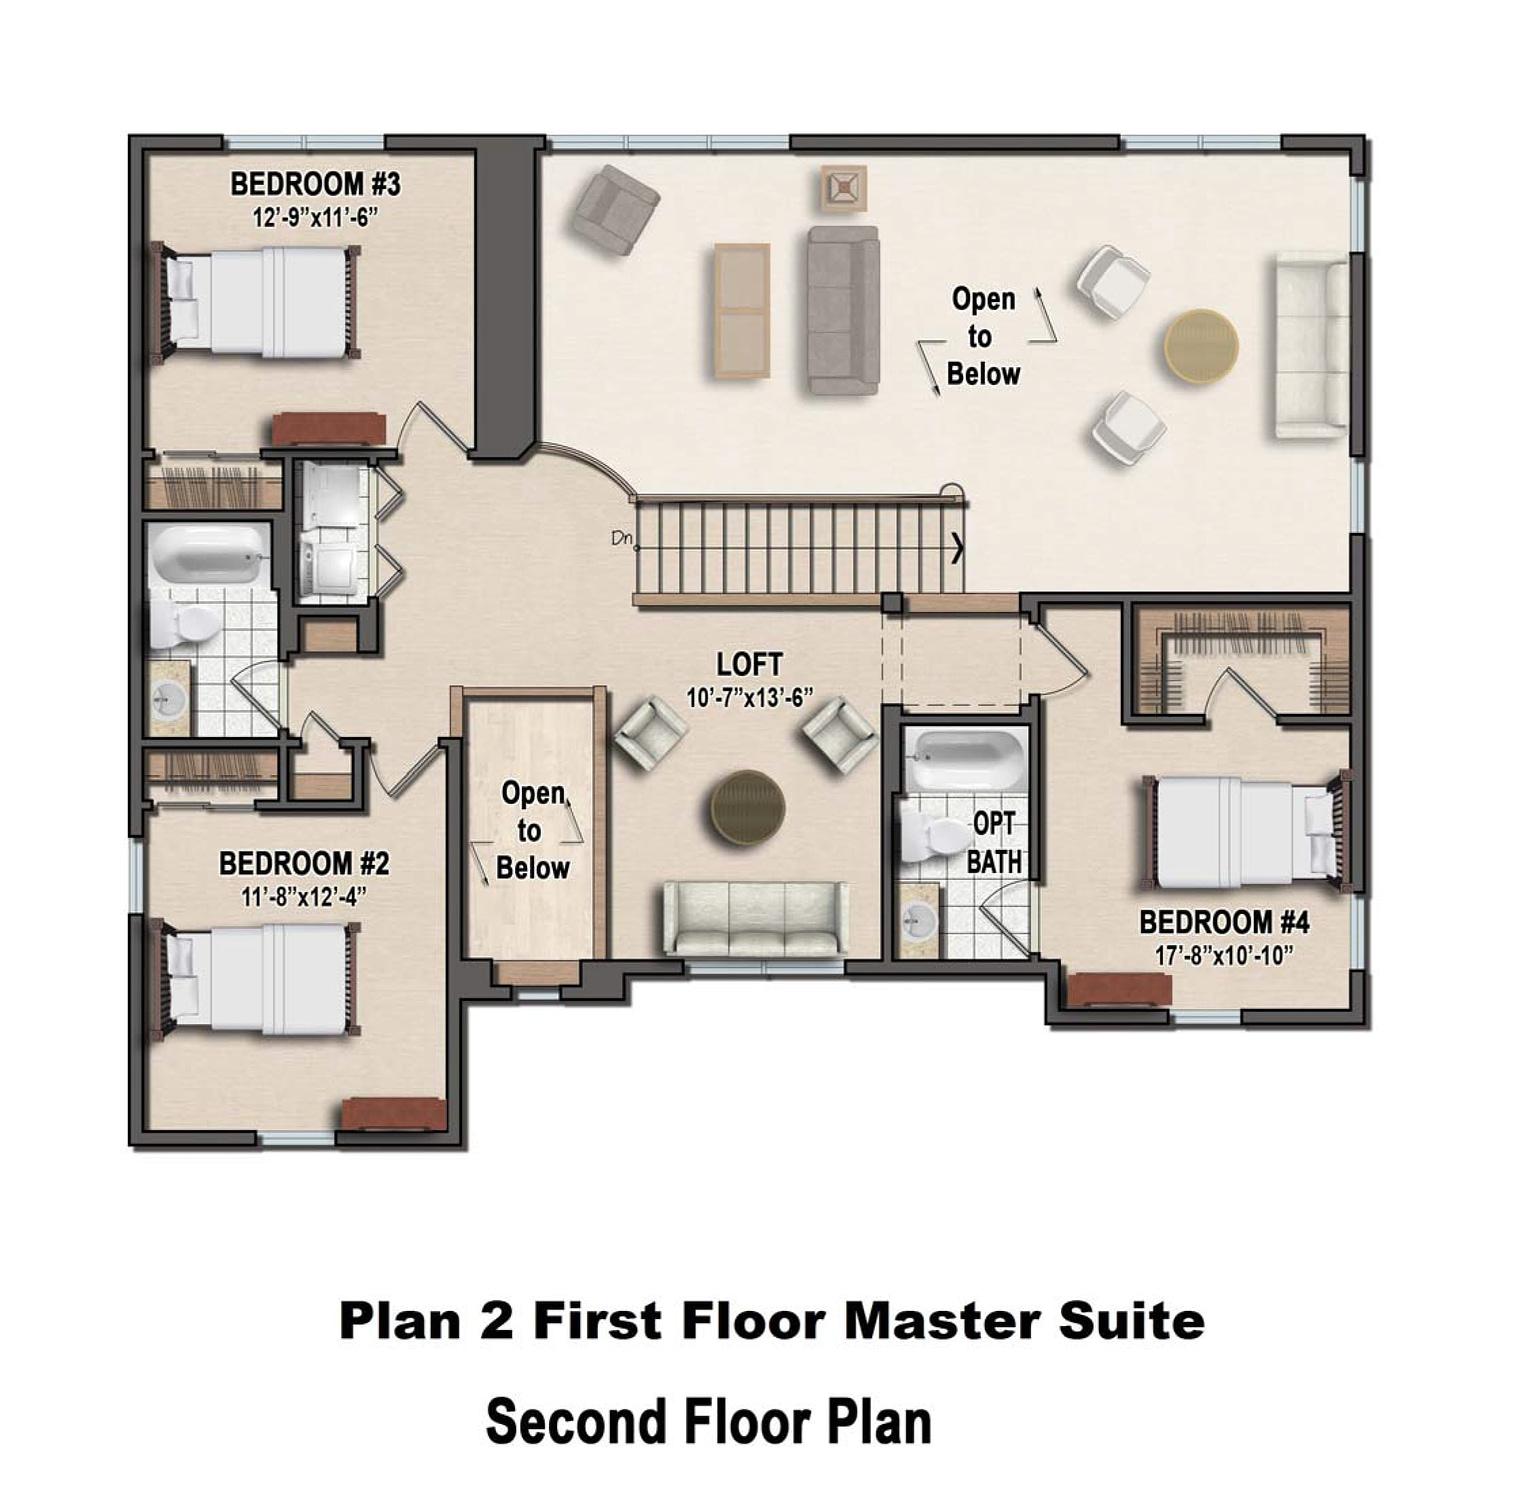 plan-2-first-floor-master-suite-brochure-2